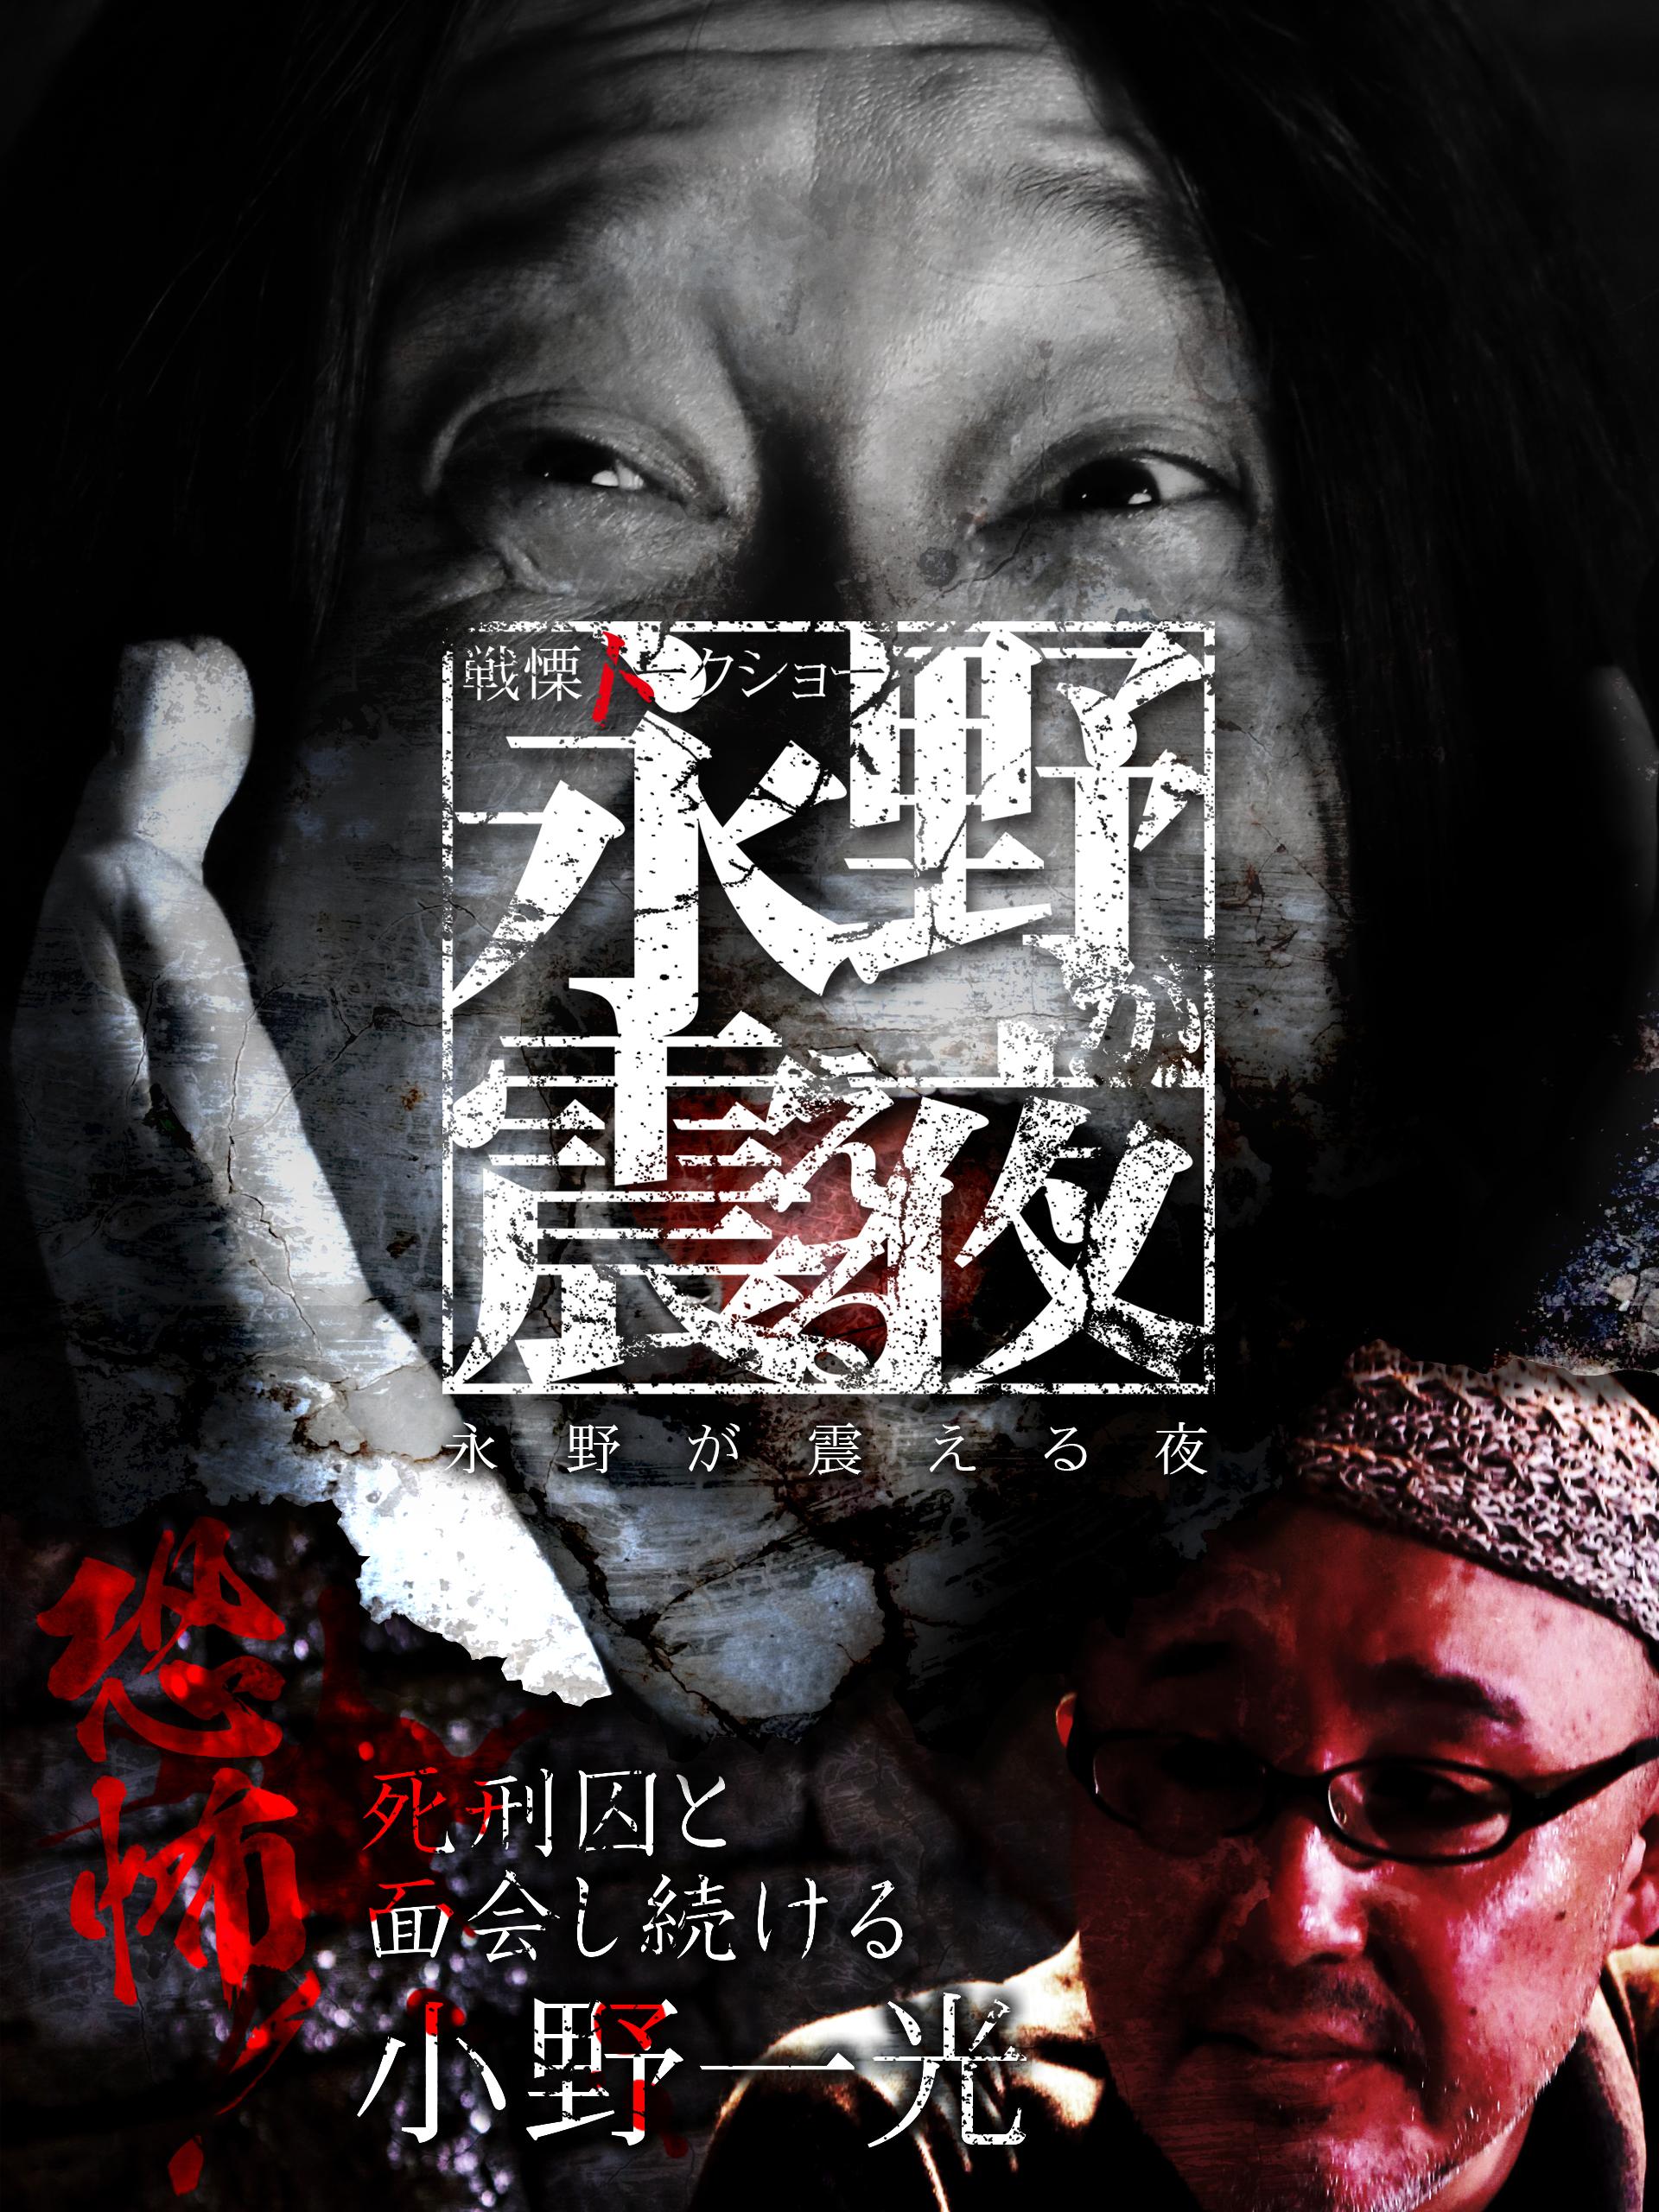 戦慄トークショー 永野が震える夜(5)~恐怖!死刑囚と面会し続ける小野一光